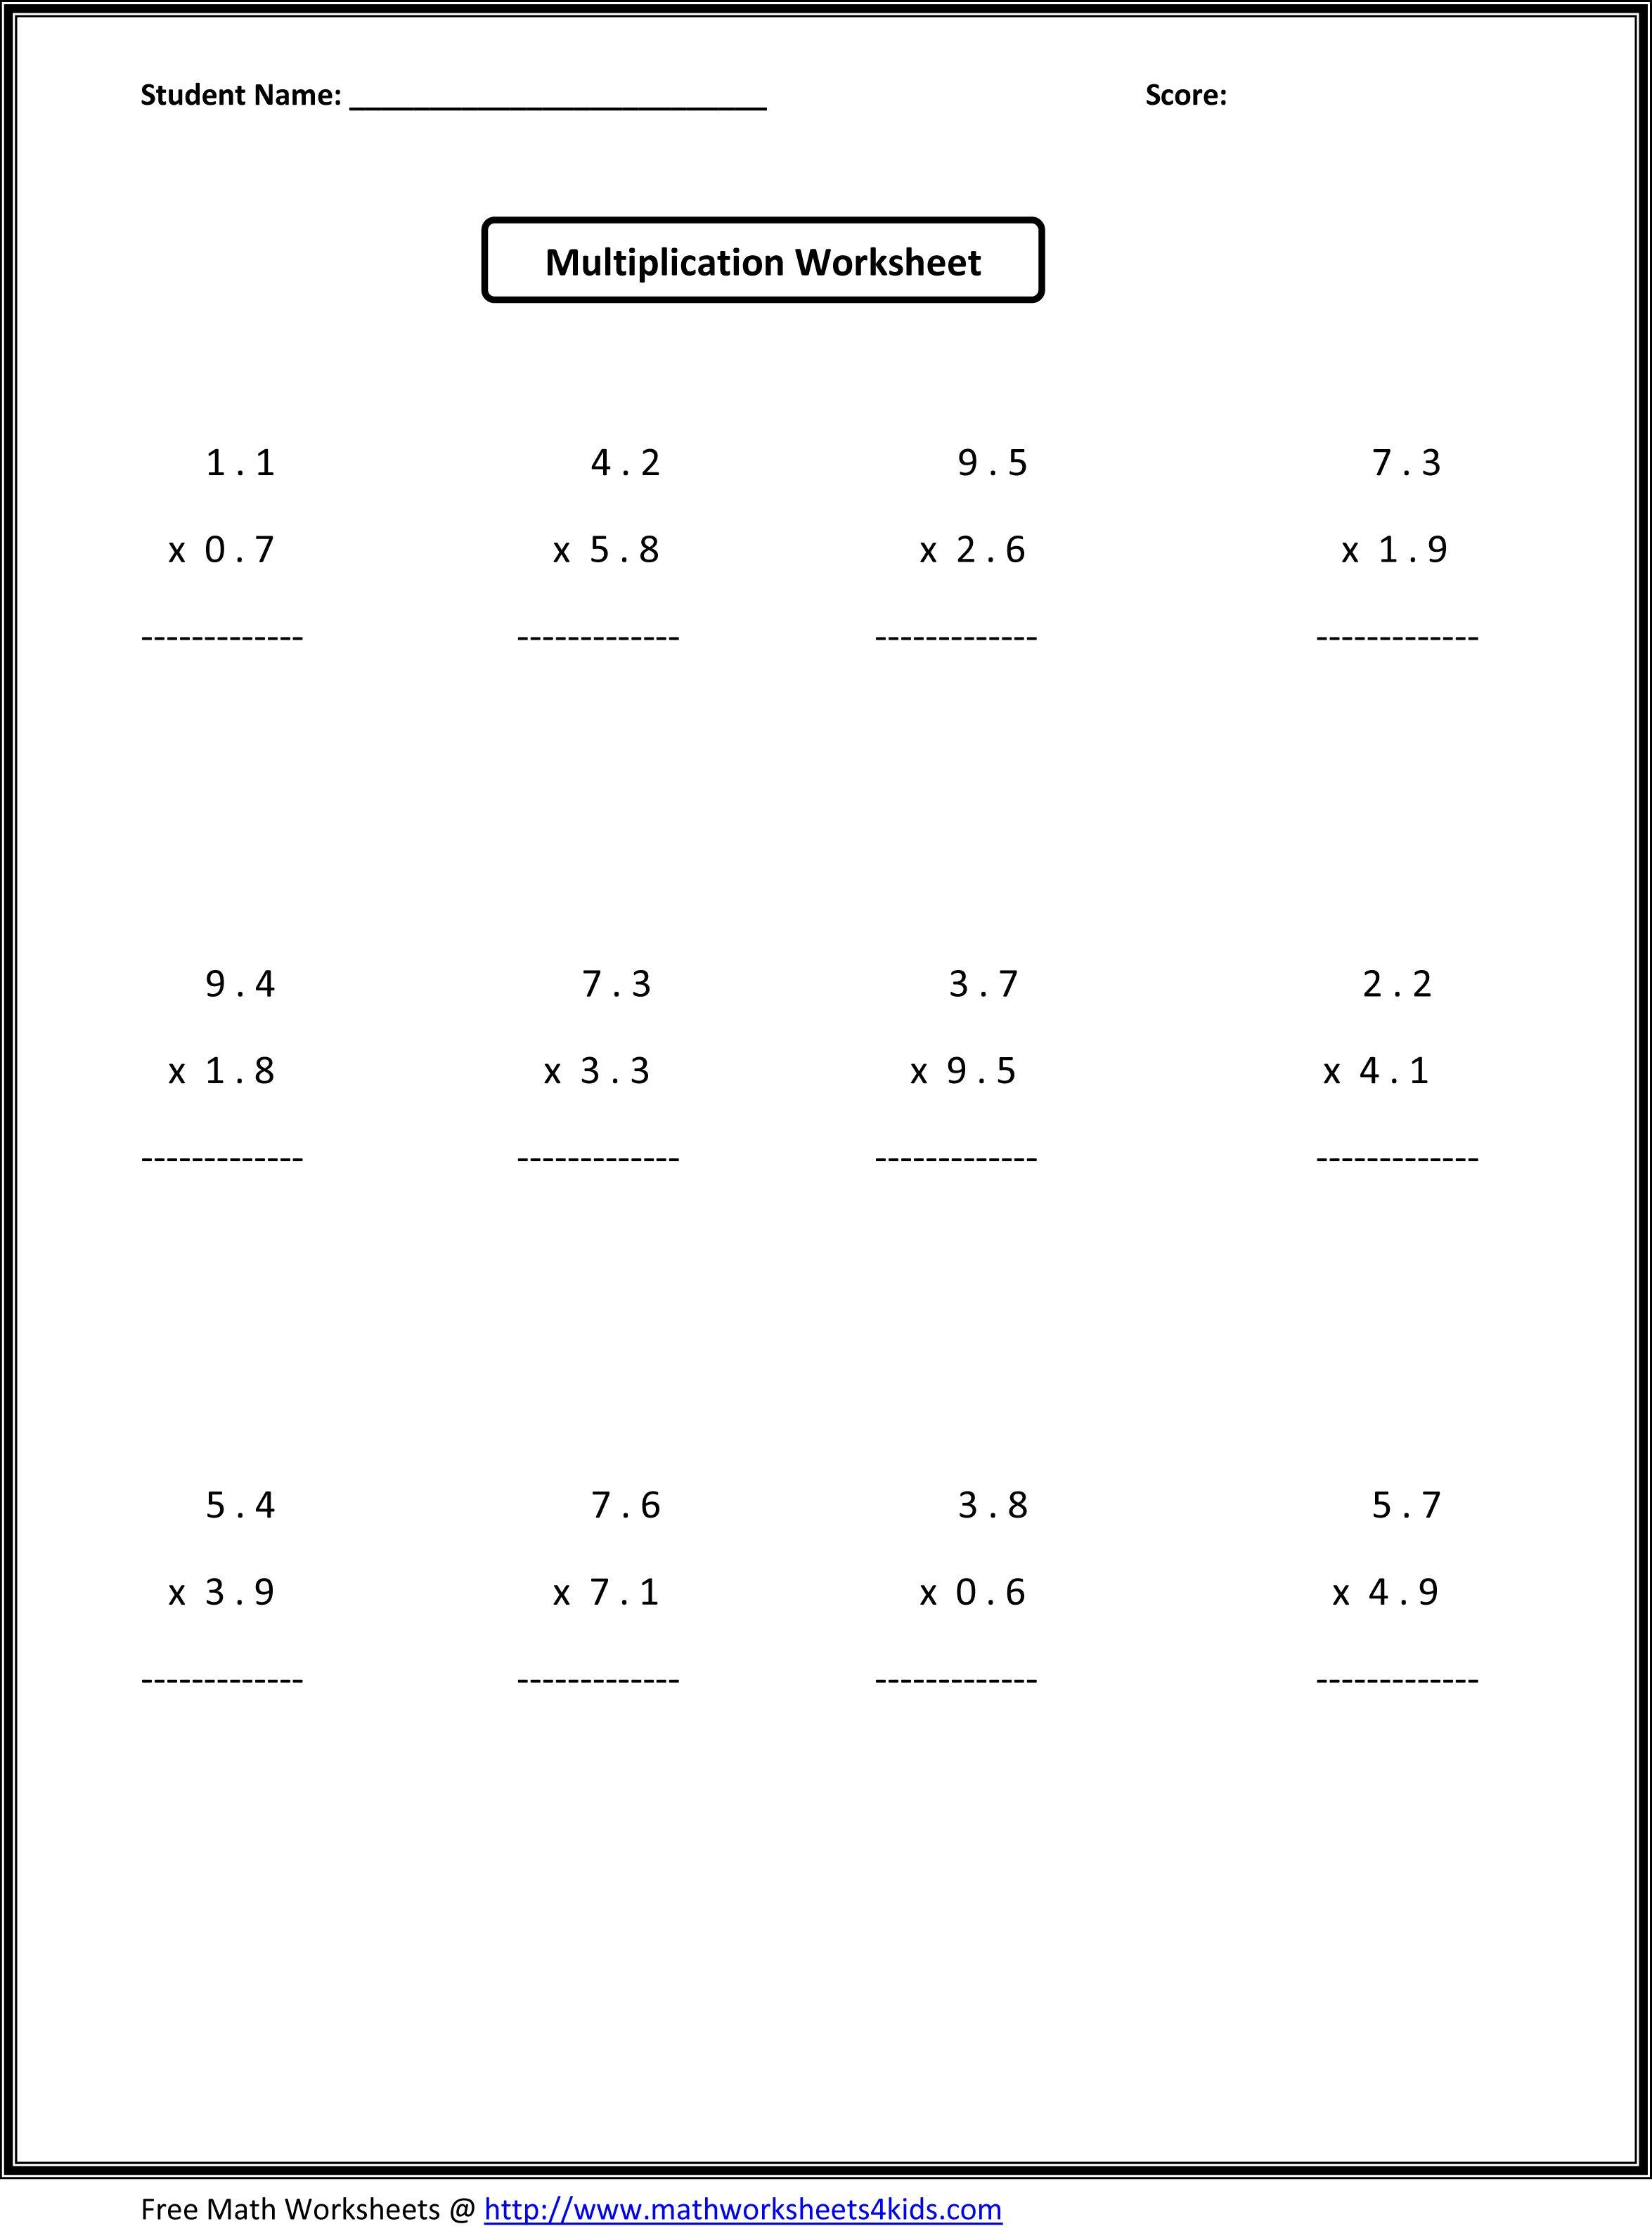 7Th Grade Math Worksheets | Value Worksheets Absolute Value | 7Th Grade Printable Worksheets